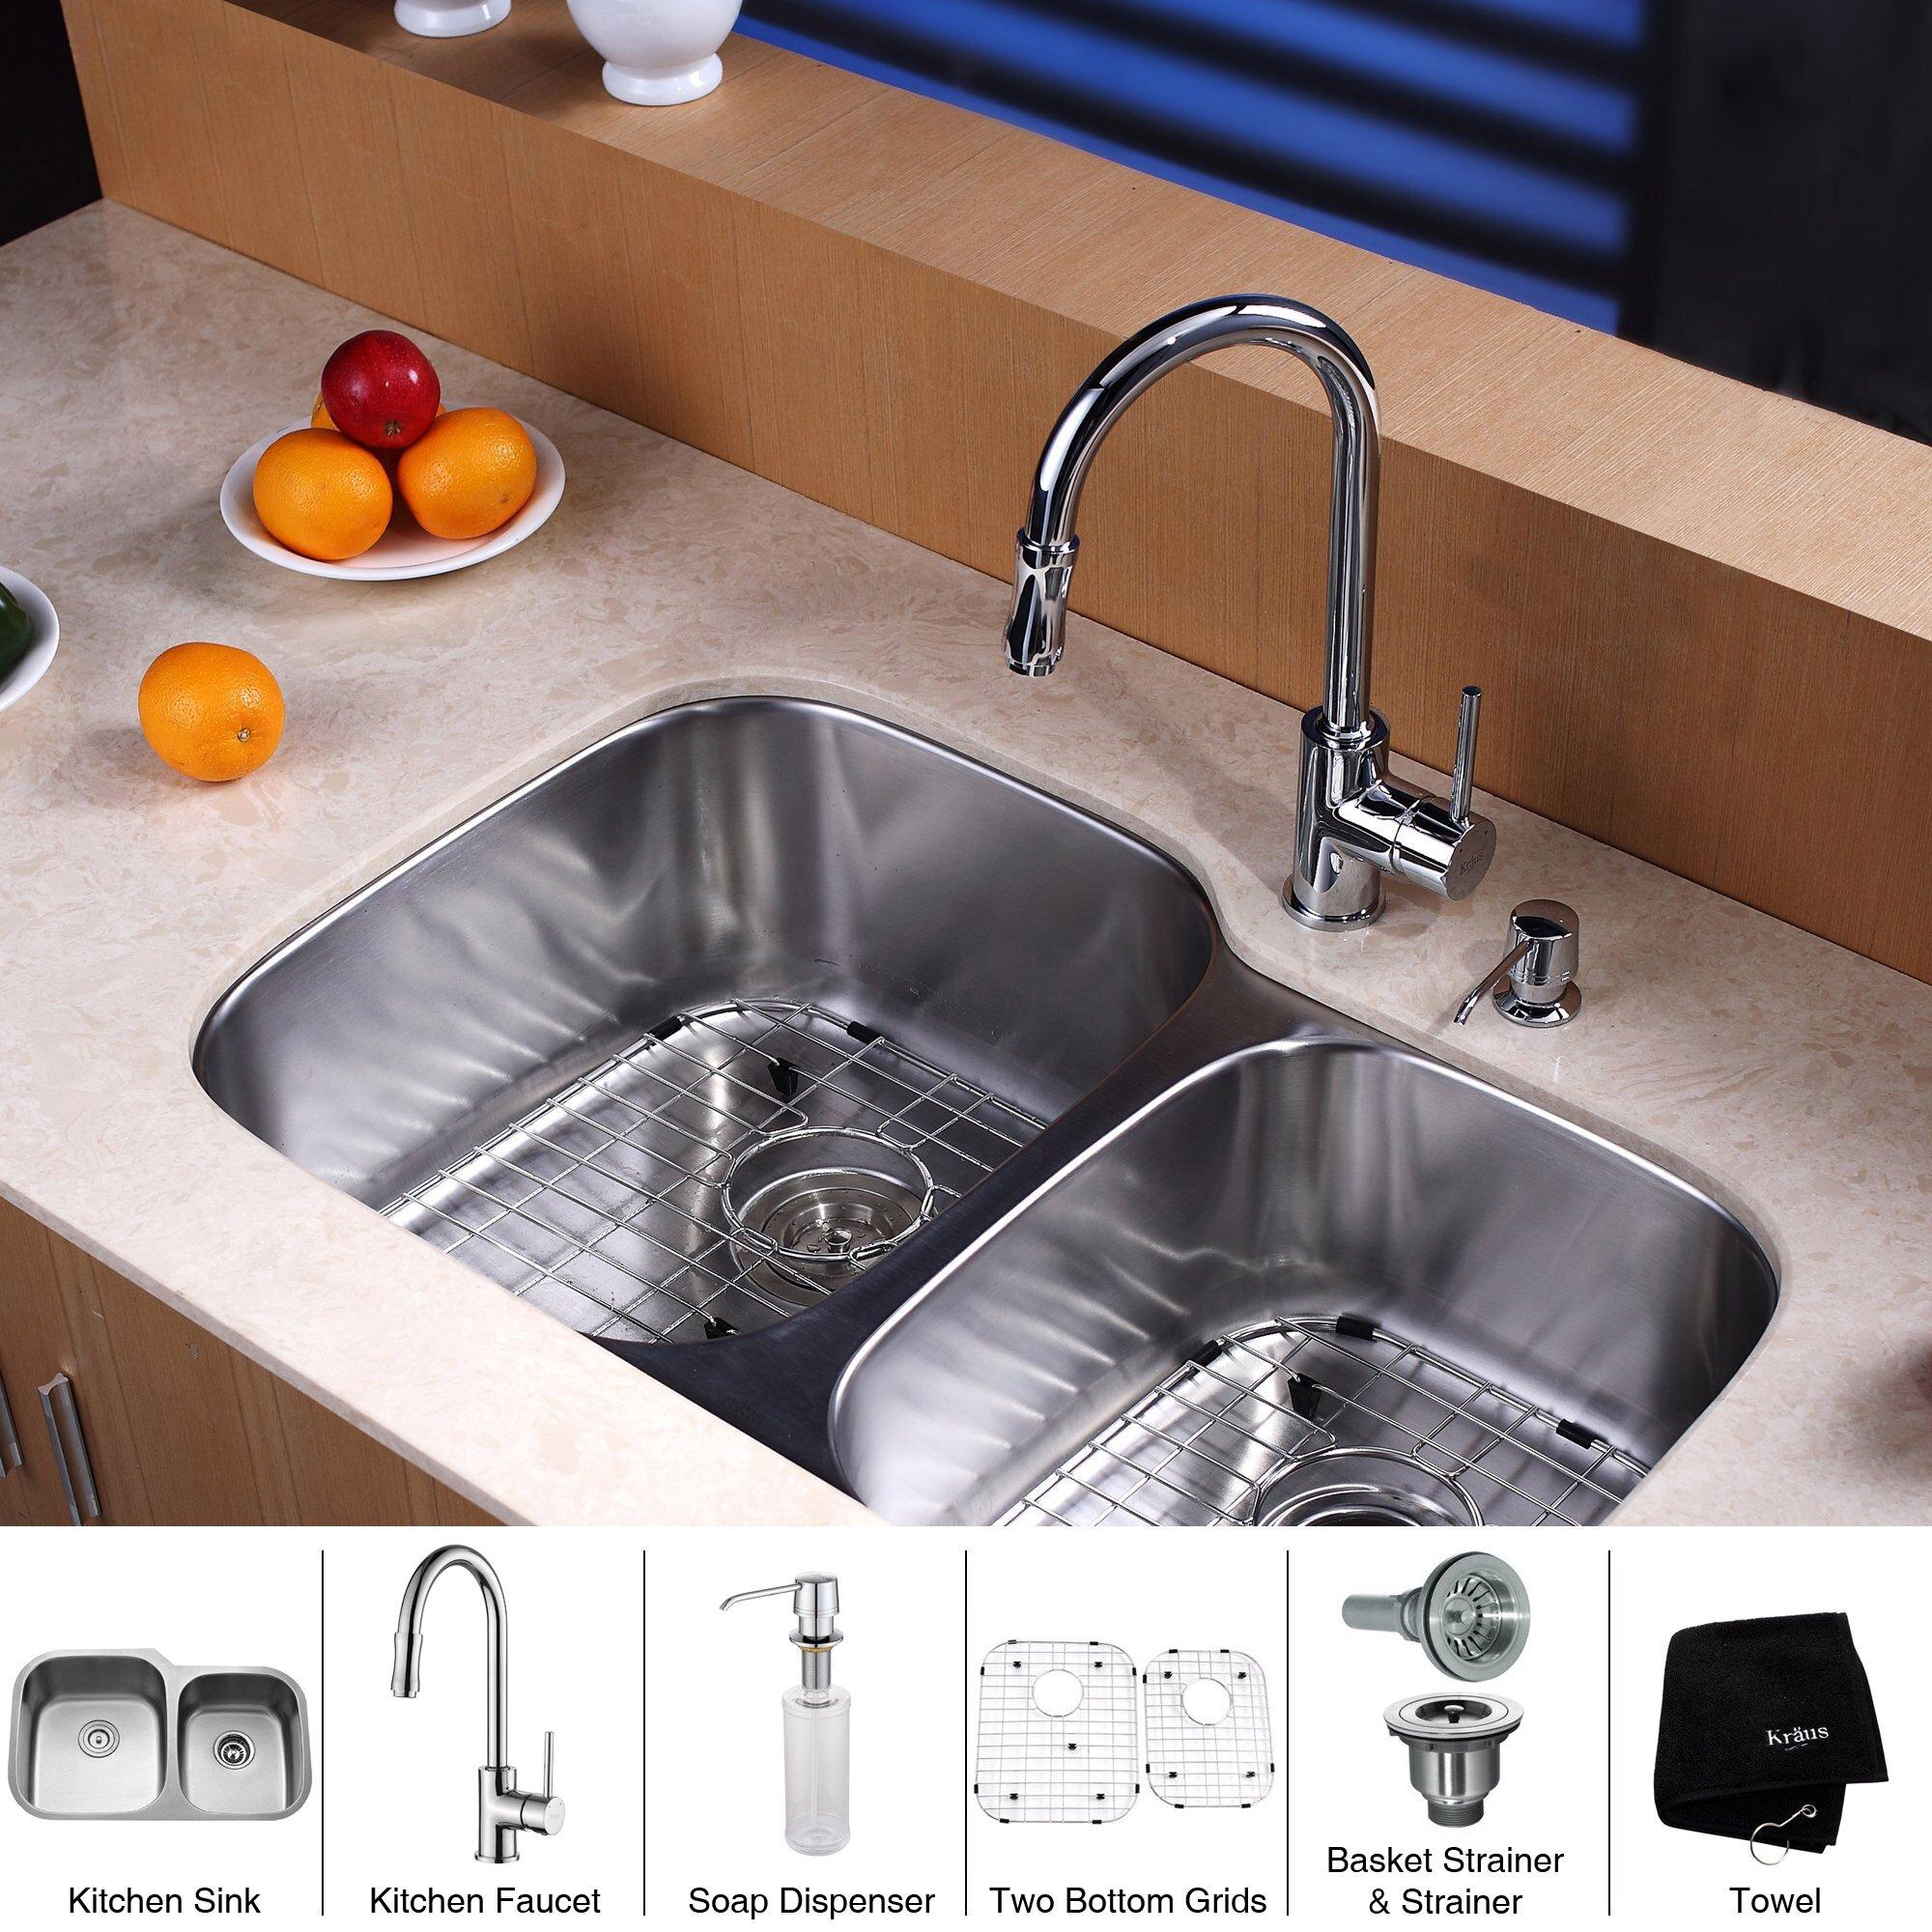 Kitchen Sink Set: Kraus 8 Piece Double Bowl Kitchen Sink Set